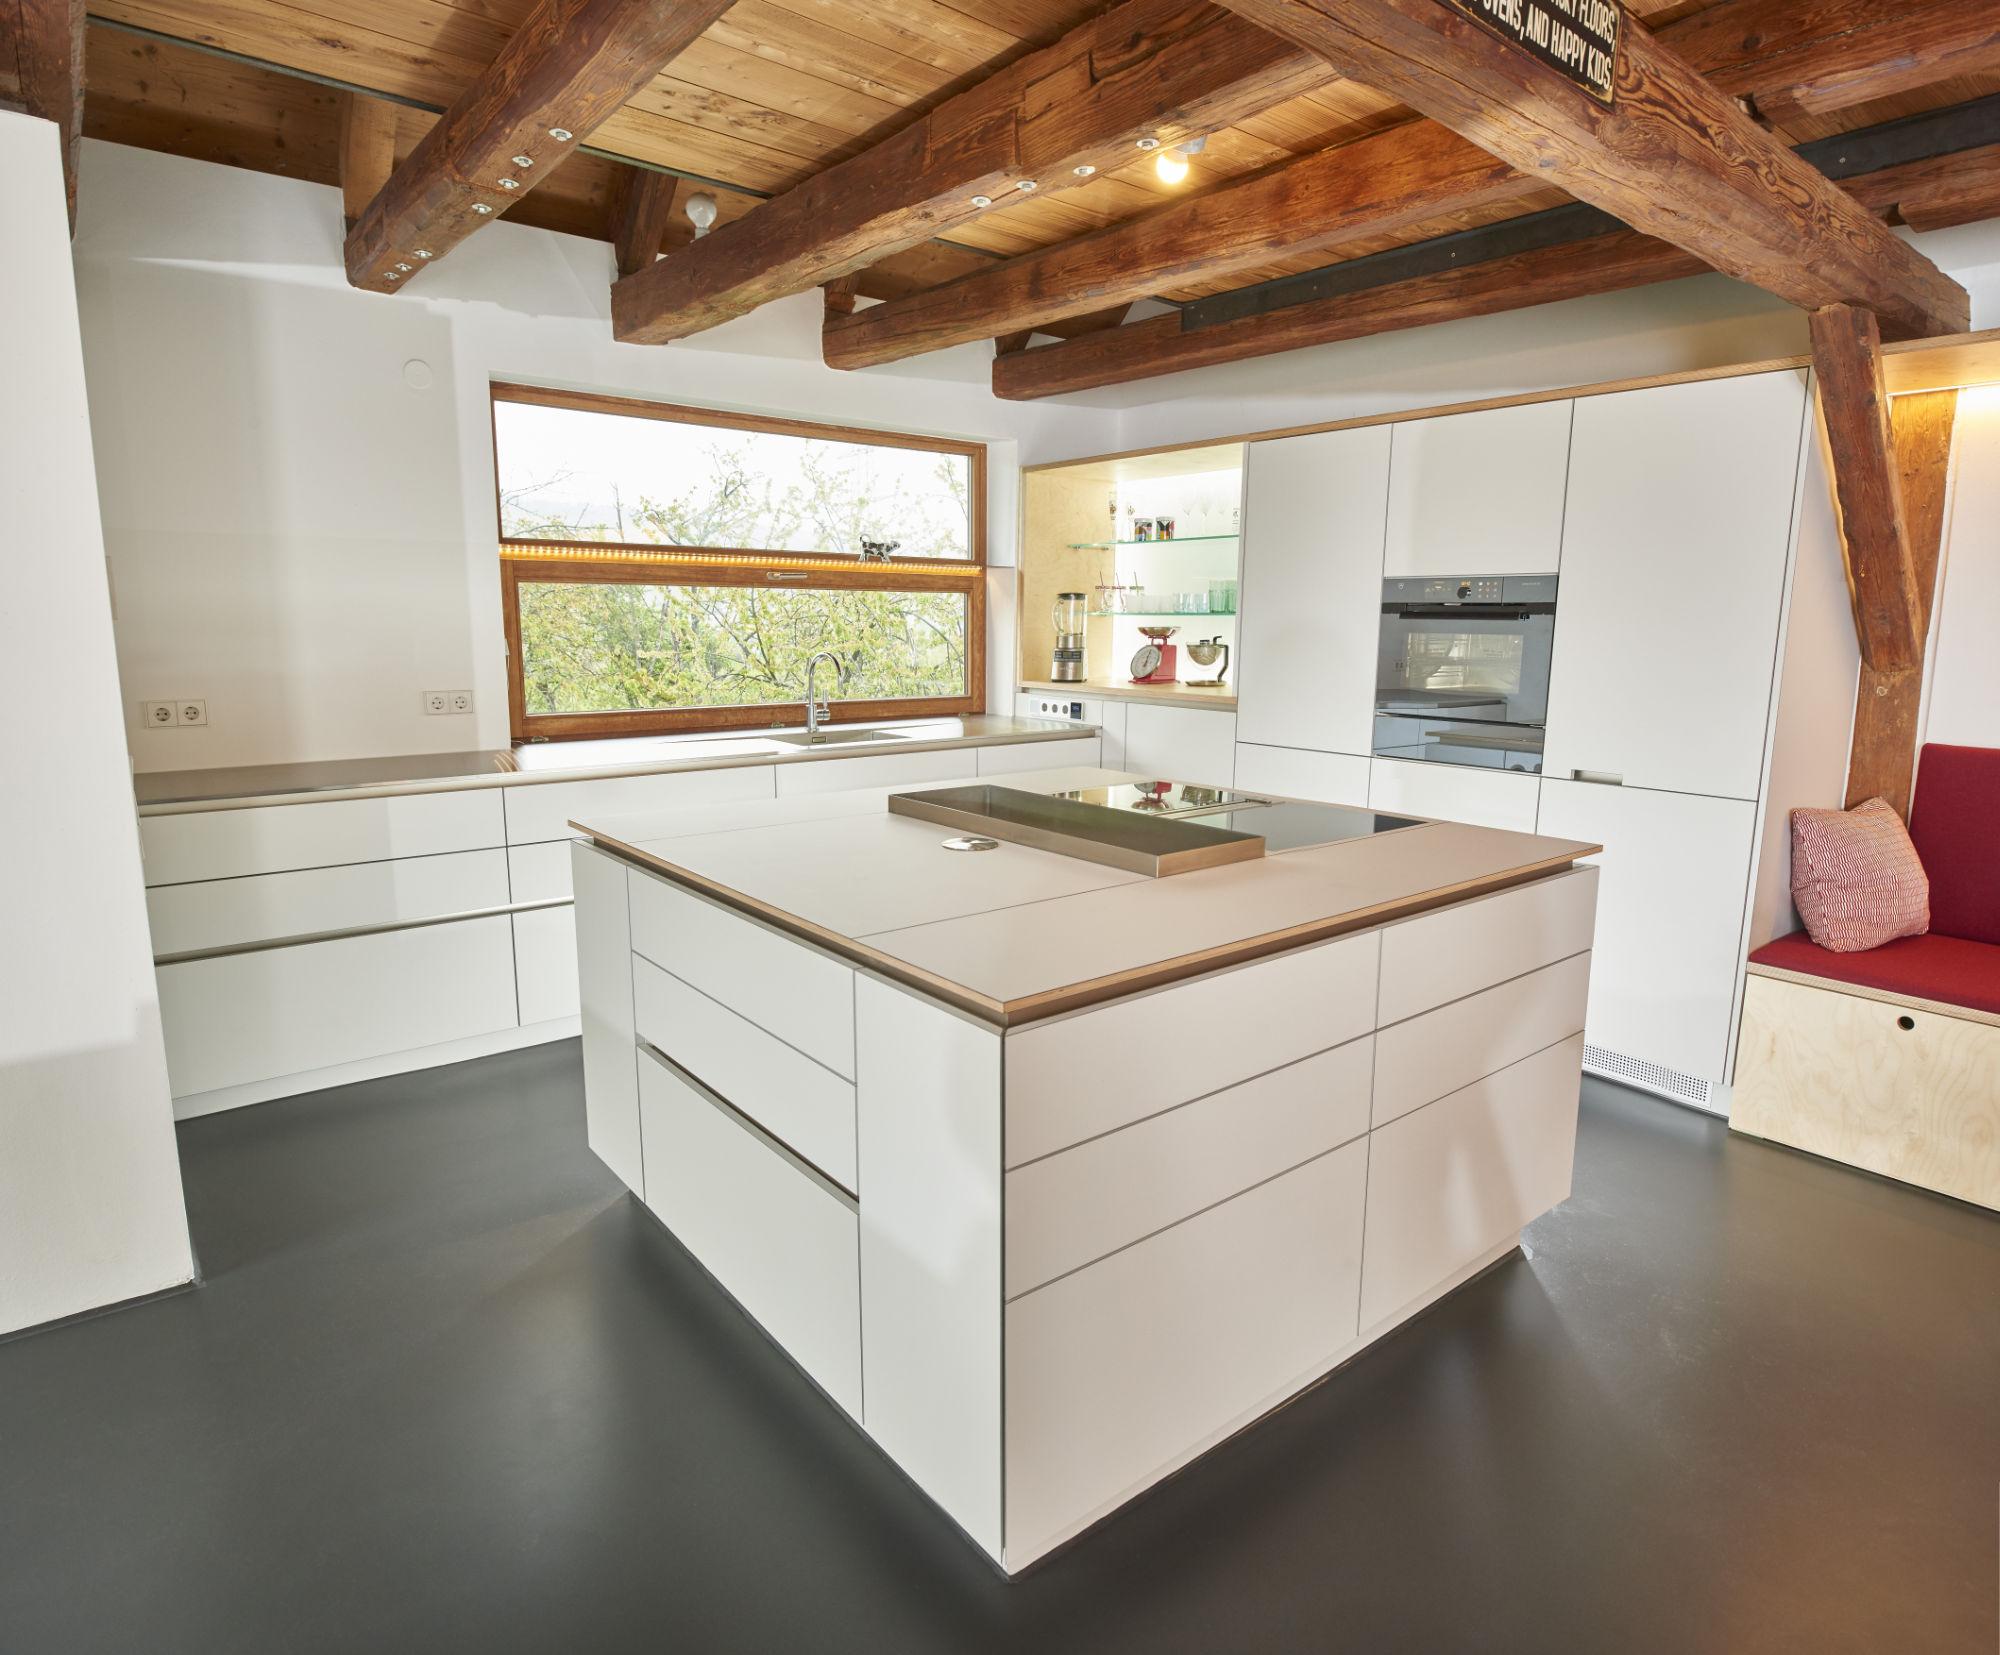 Ausgezeichnet Küchenarbeitsplatten Mit Goldenen Eichenschränke Fotos ...